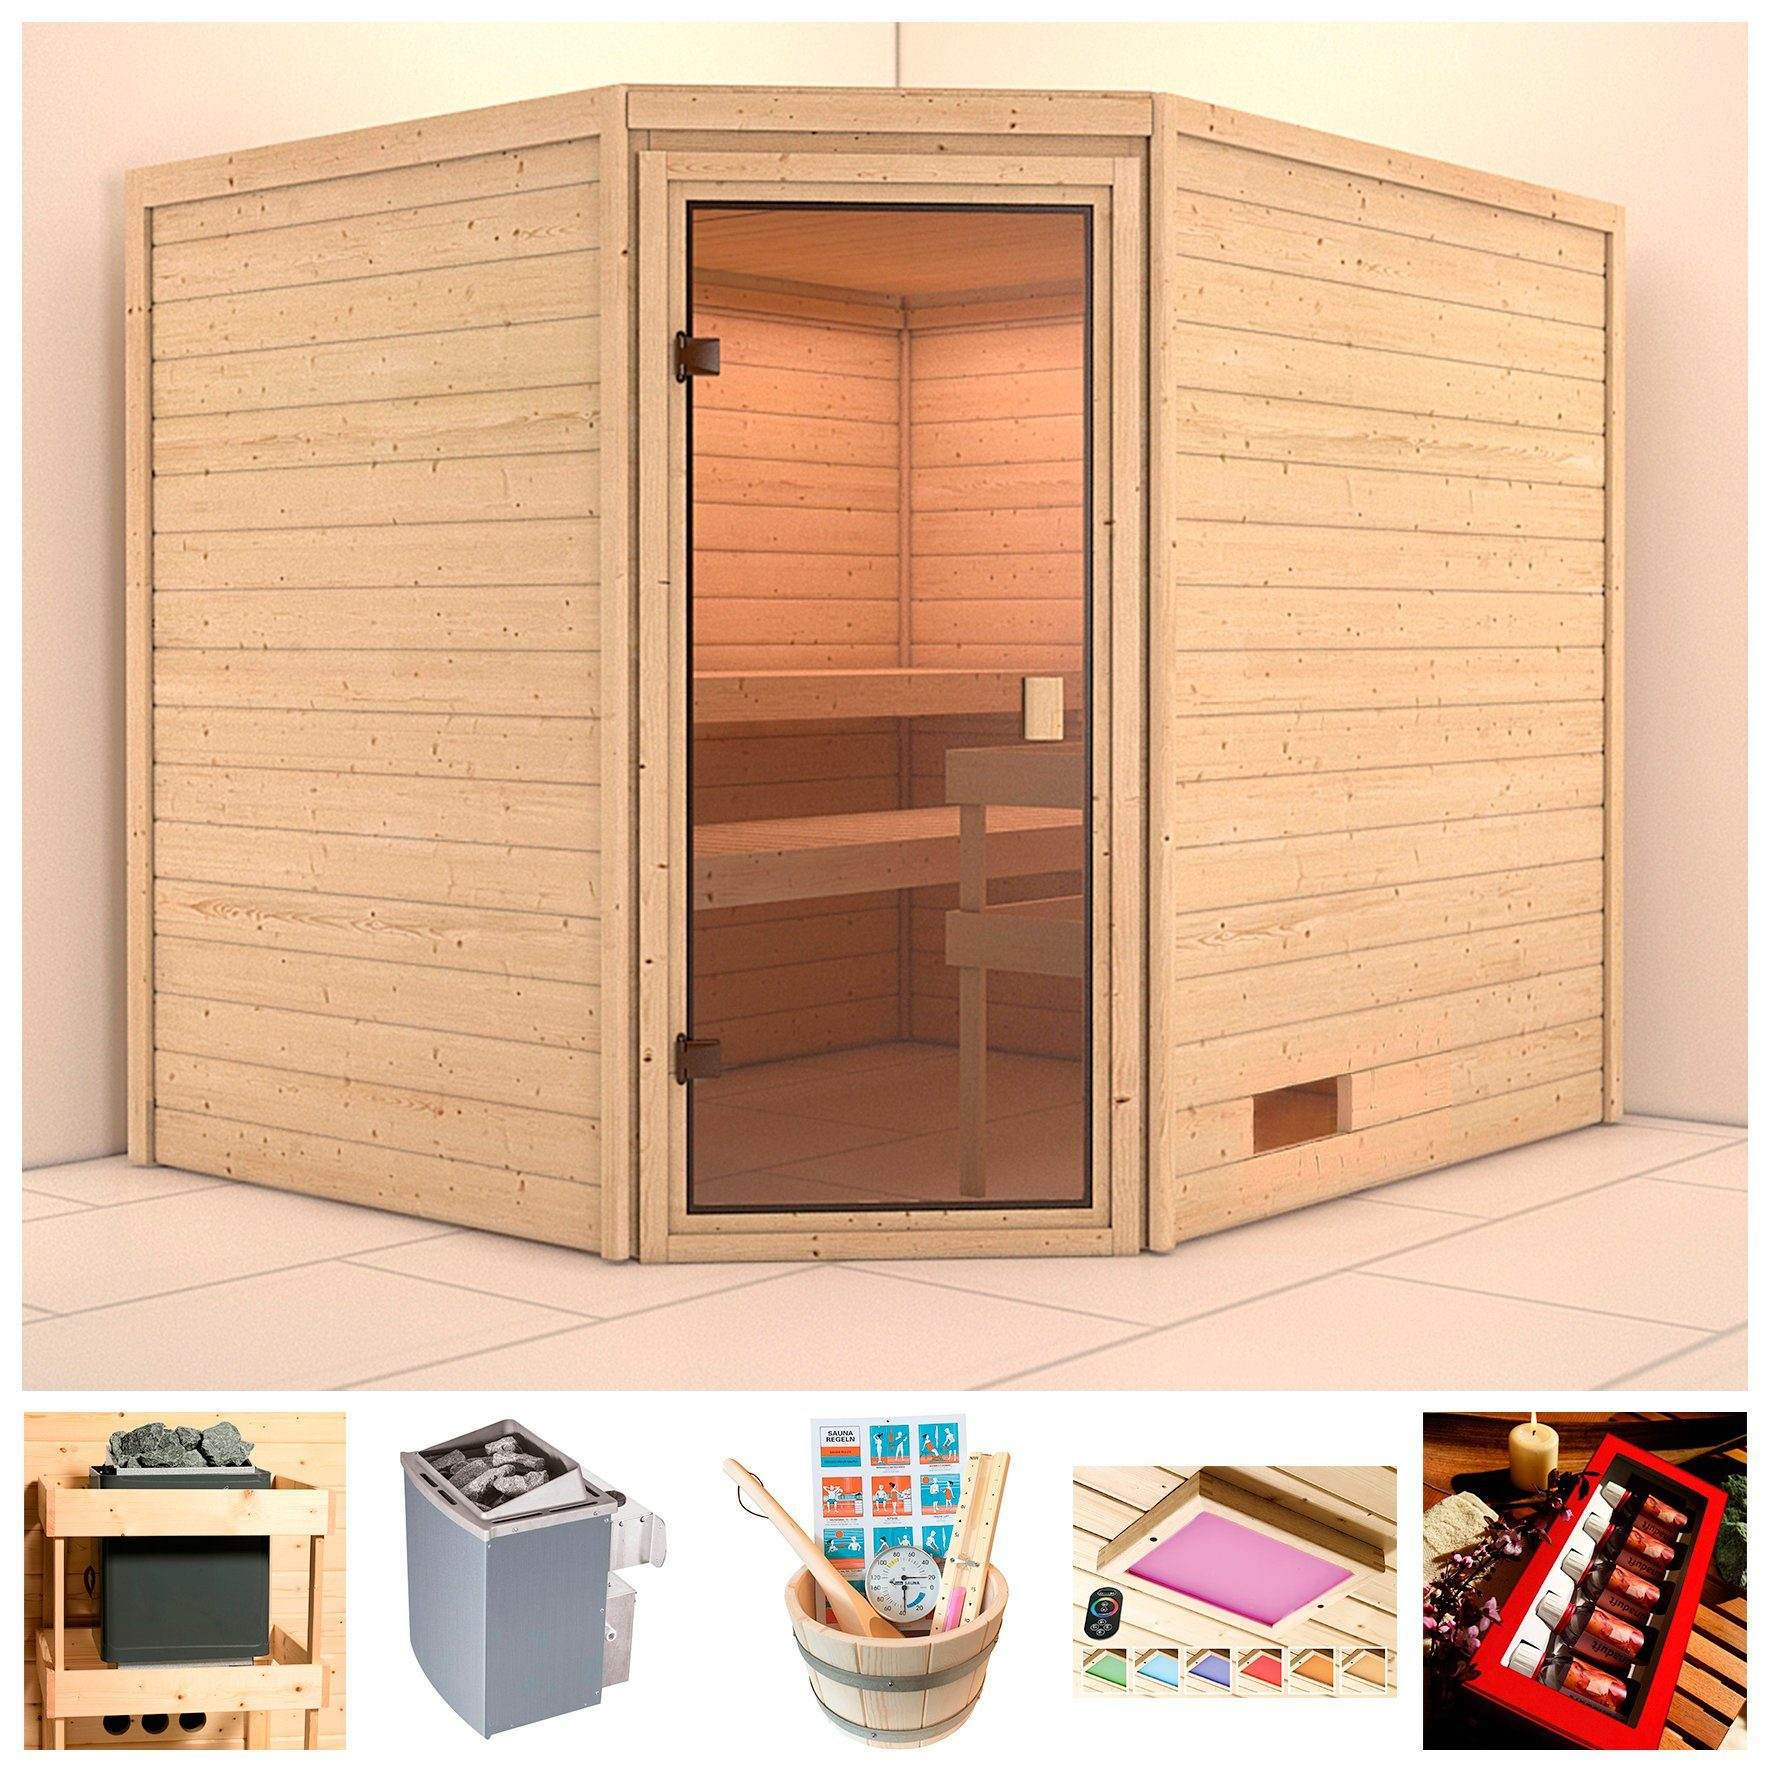 KARIBU Sauna »Trixi«, BxTxH: 231x196x187 cm, 9 kW Ofen mit int. Steuerung